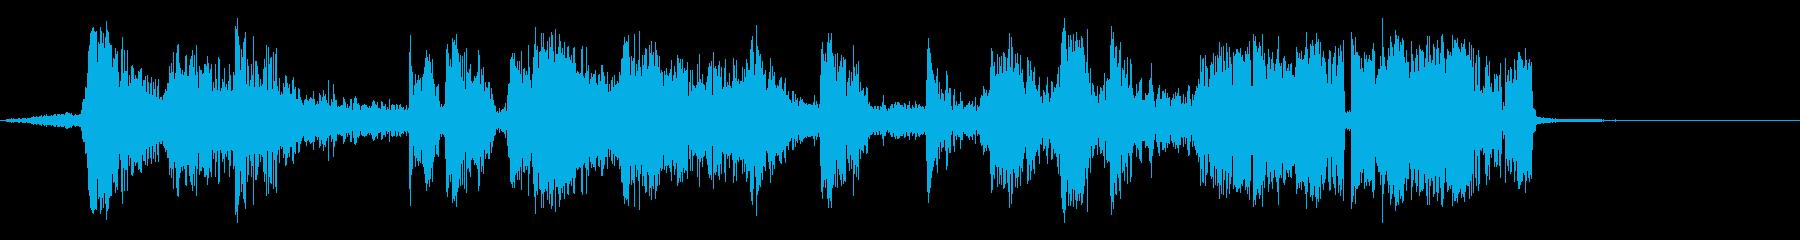 驚くほどシャープの再生済みの波形